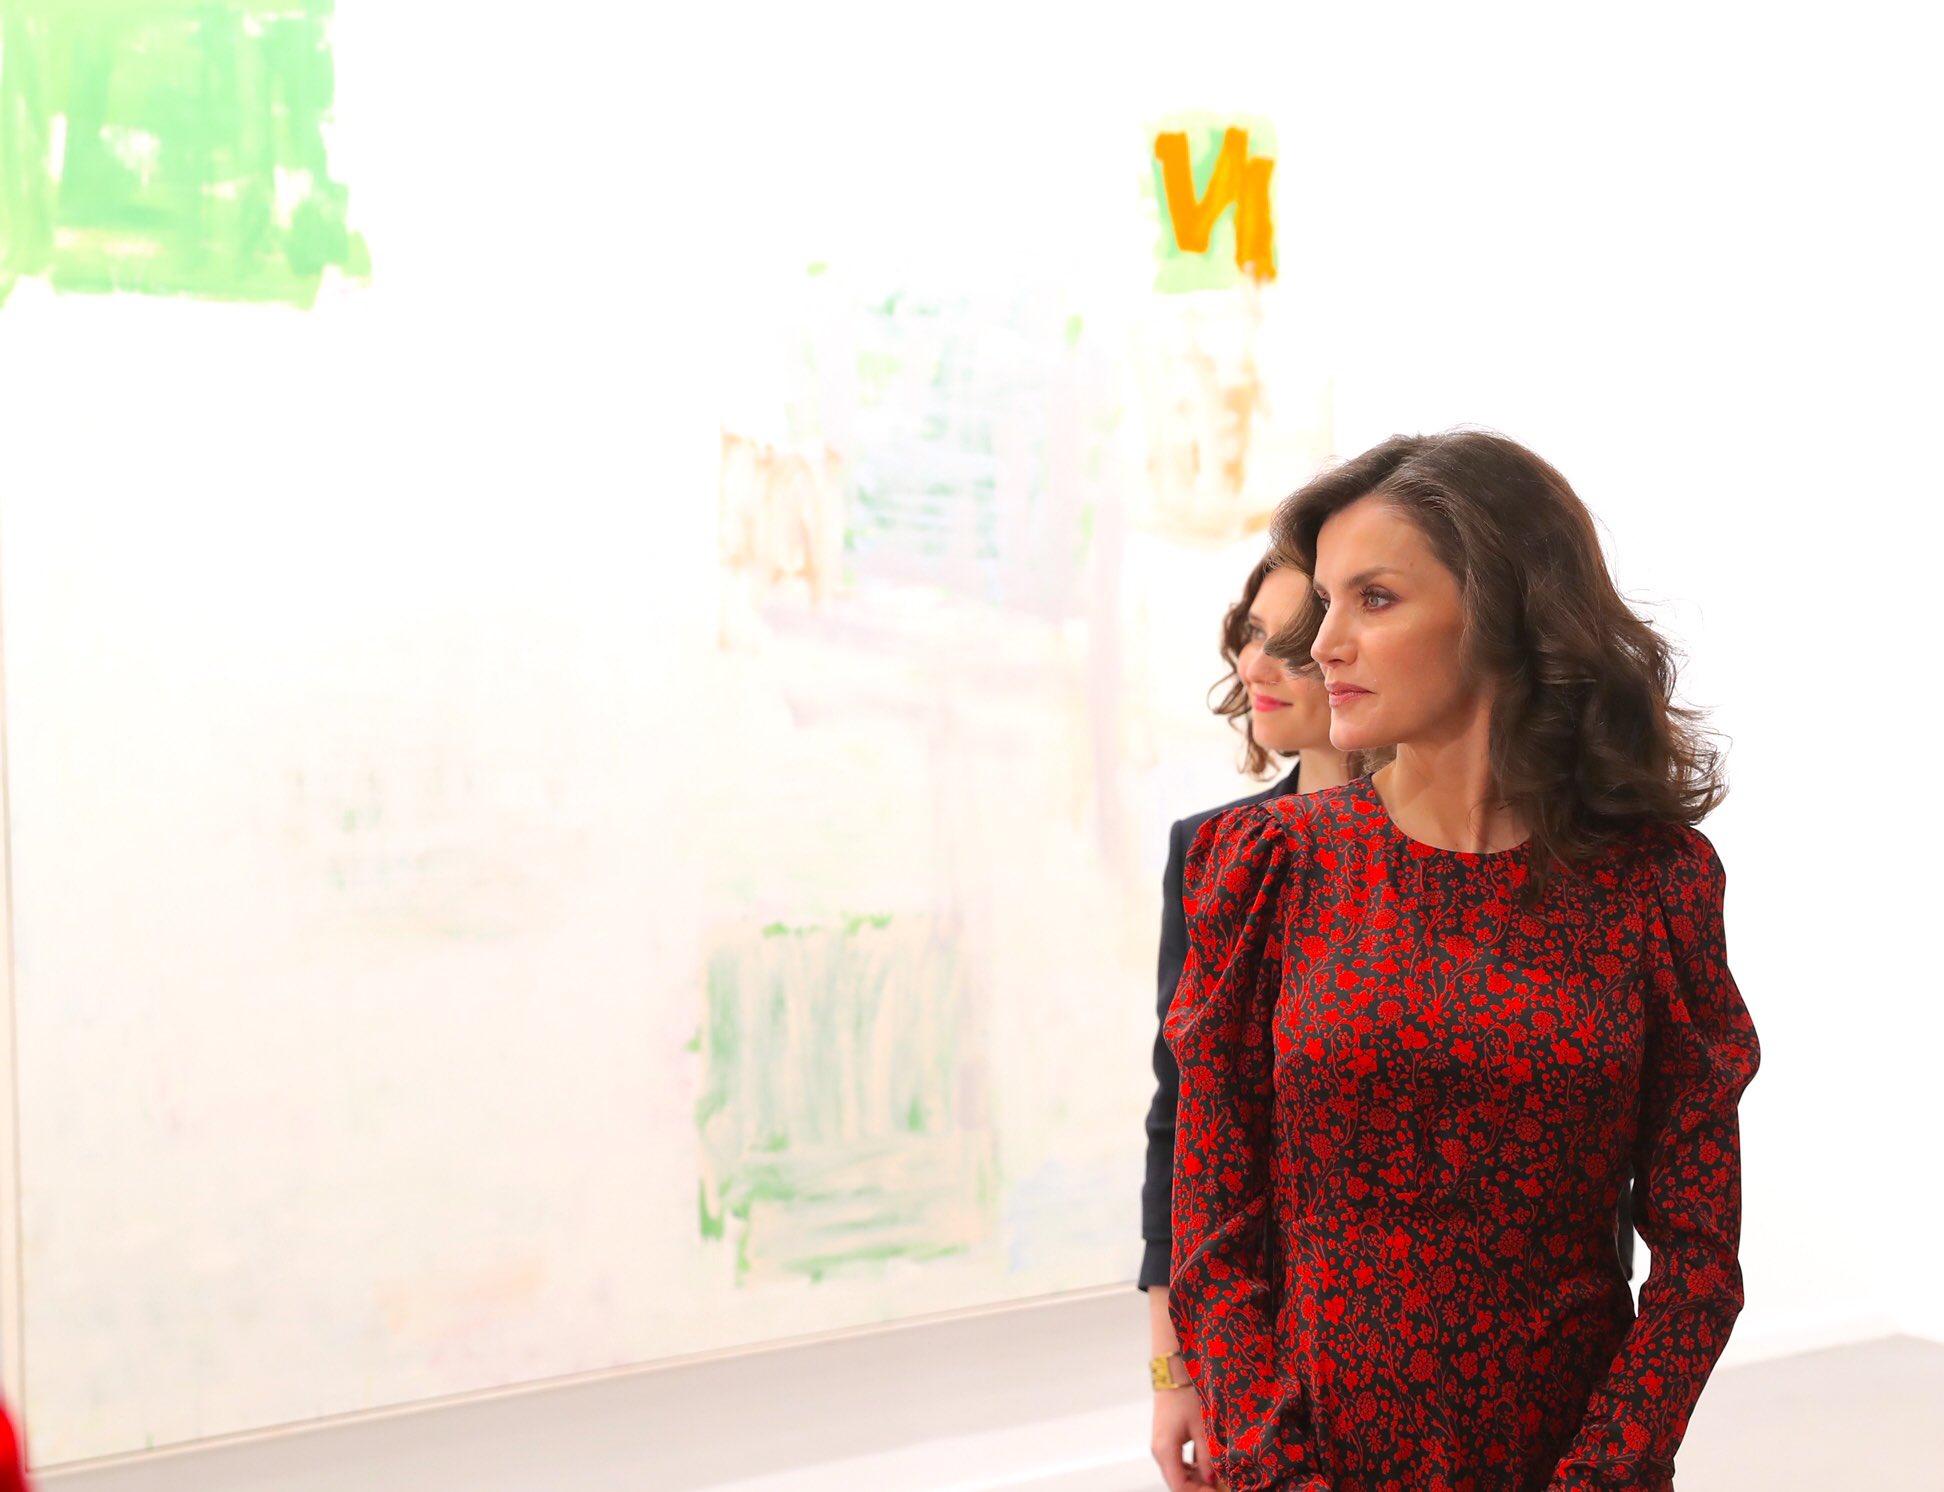 La reina Letizia inaugura ARCO con un lookazo (de rebajas) y un atrevido maquillaje